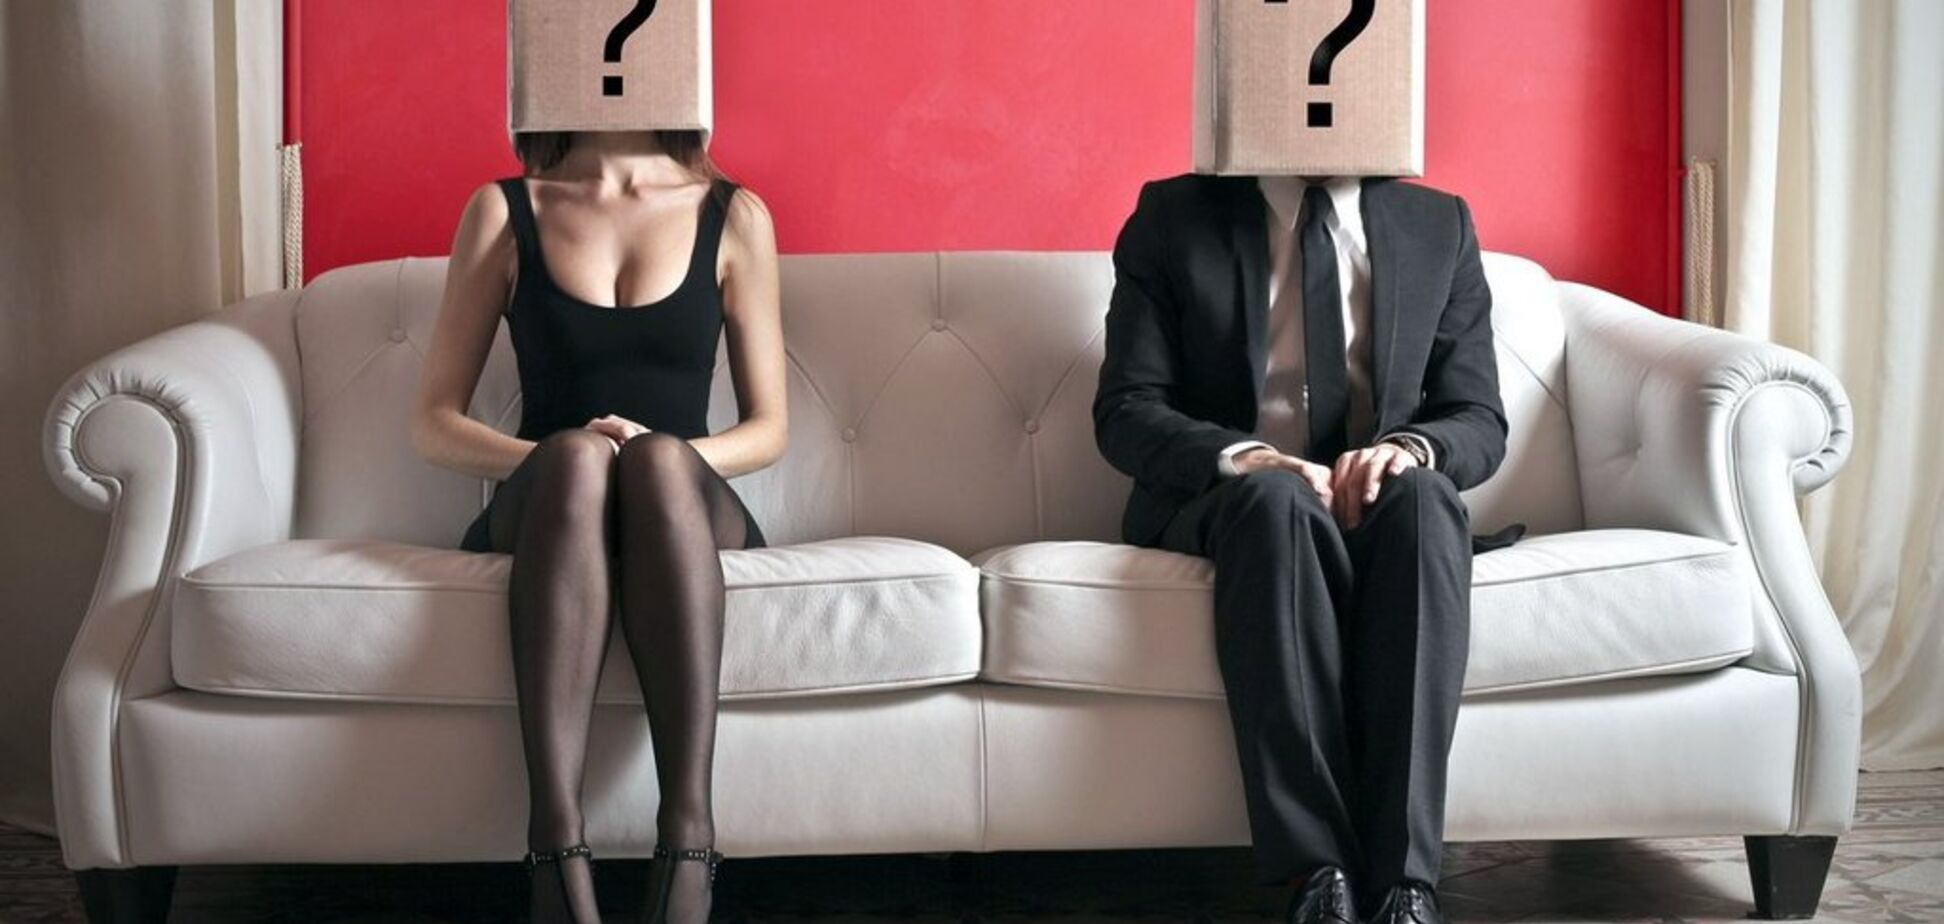 Как справляются со стрессом мужчины и женщины?